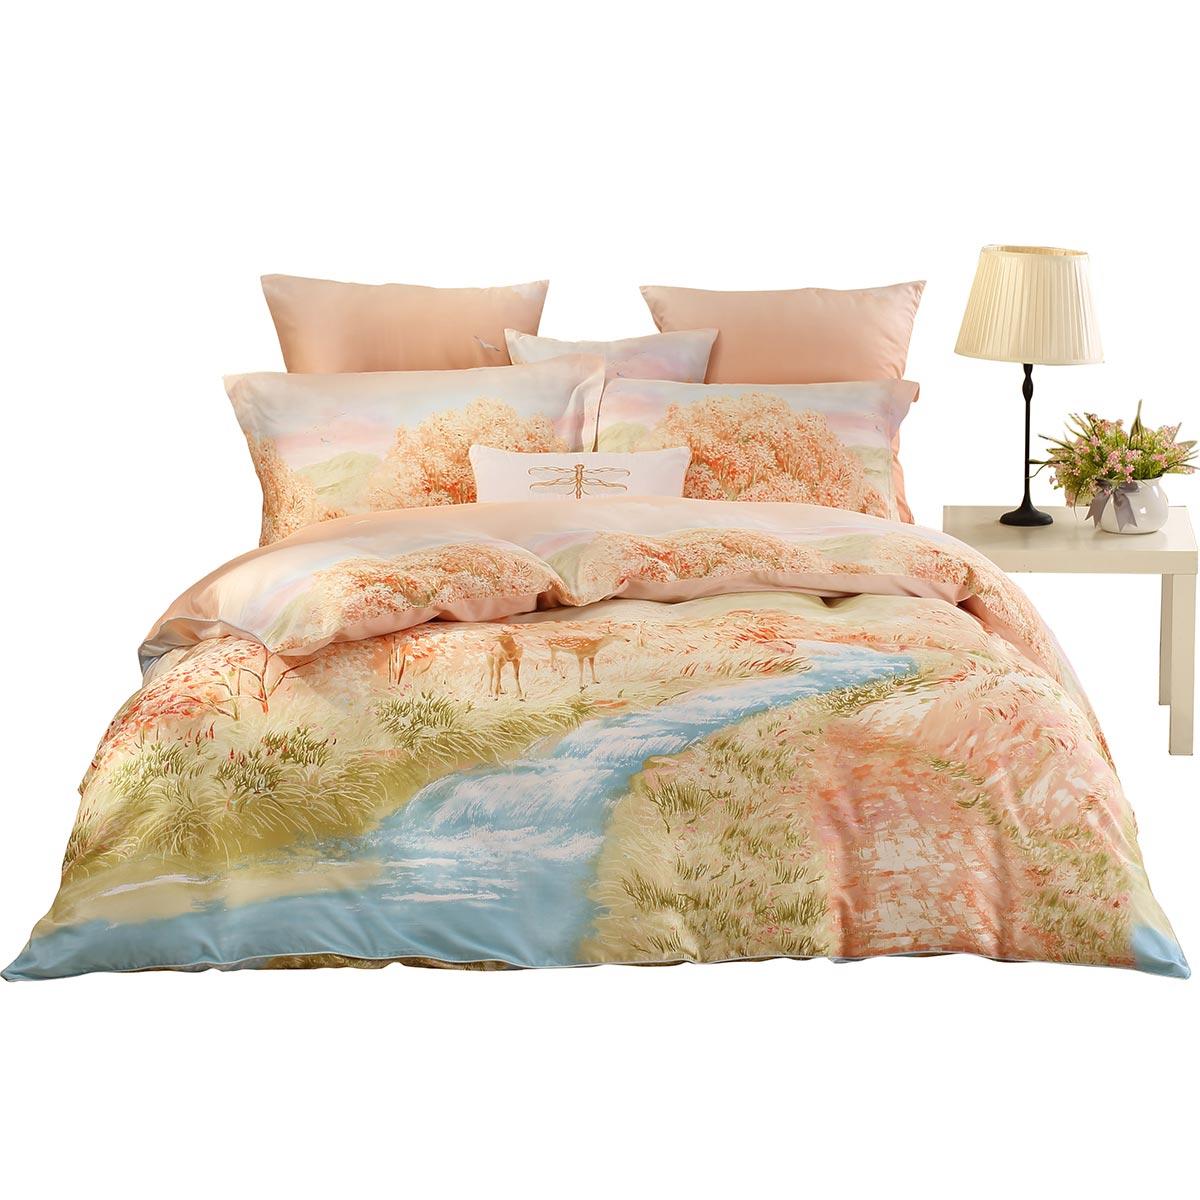 Mercury textile cotton Tencel four piece pastoral winter sanding thick warm double 1.8 meters 4 sets